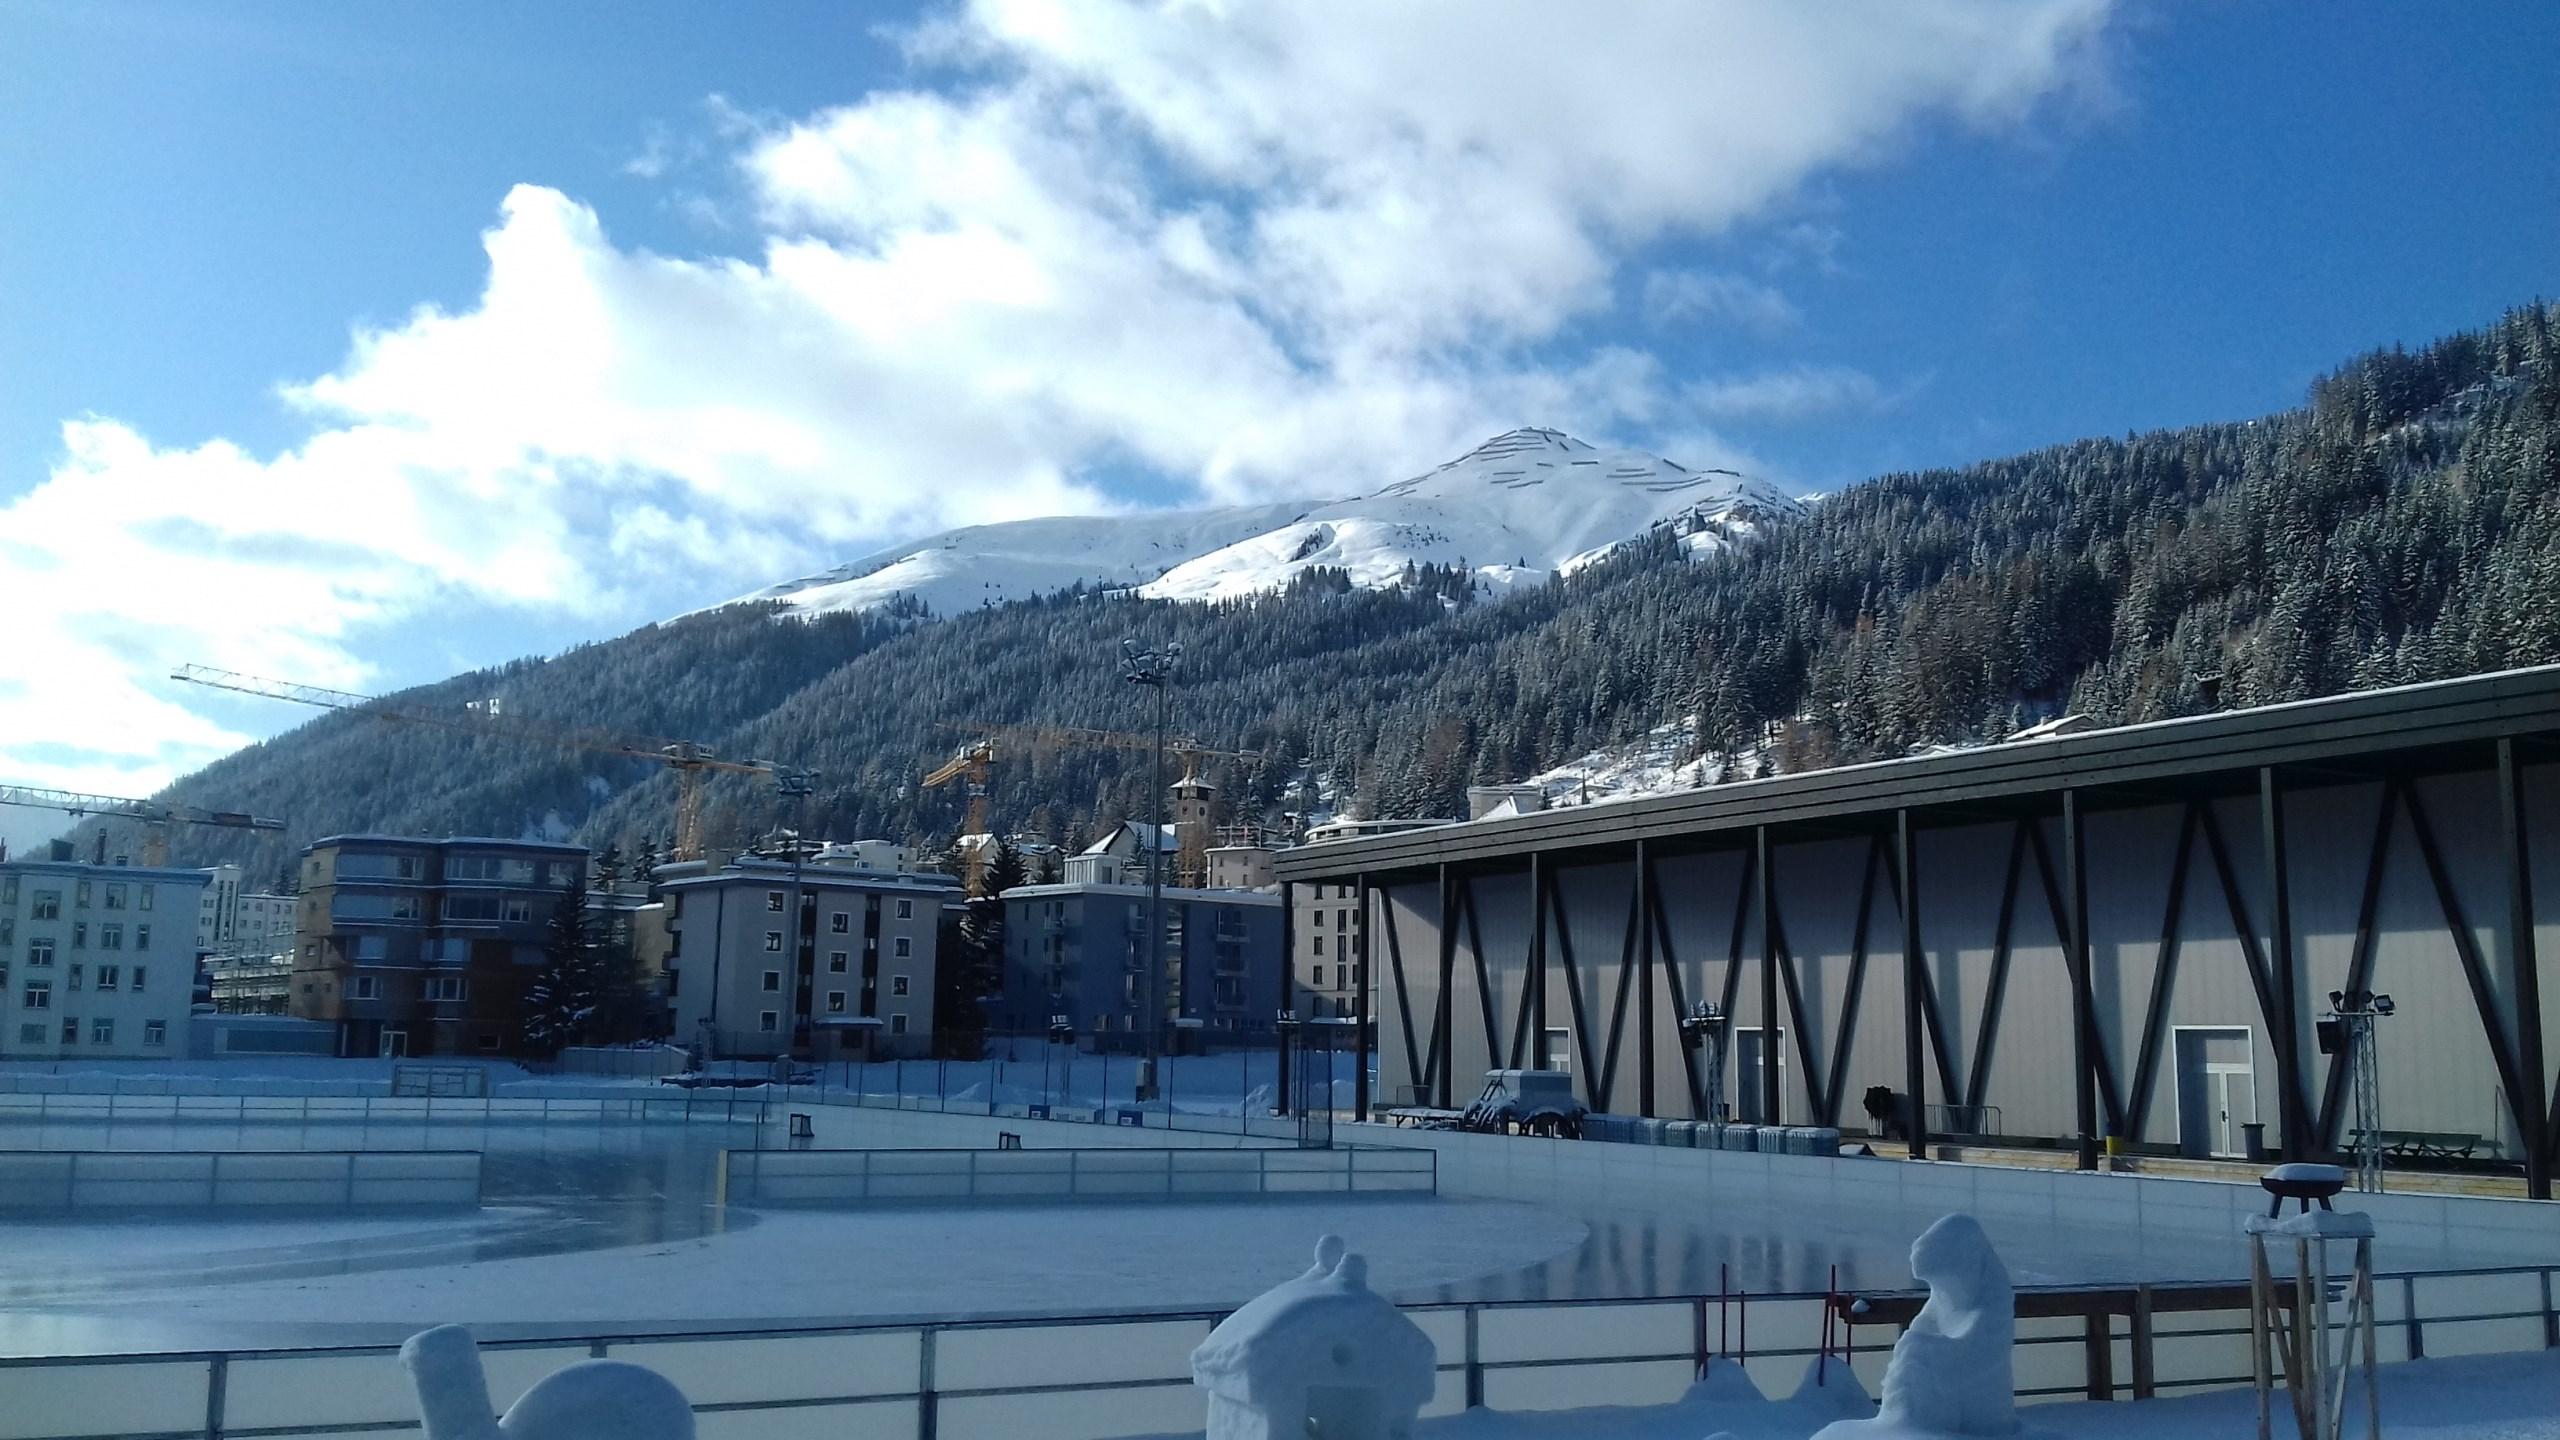 Trenérská stáž Švýcarsko: prohlídka zázemí tréninkové haly HC Davos